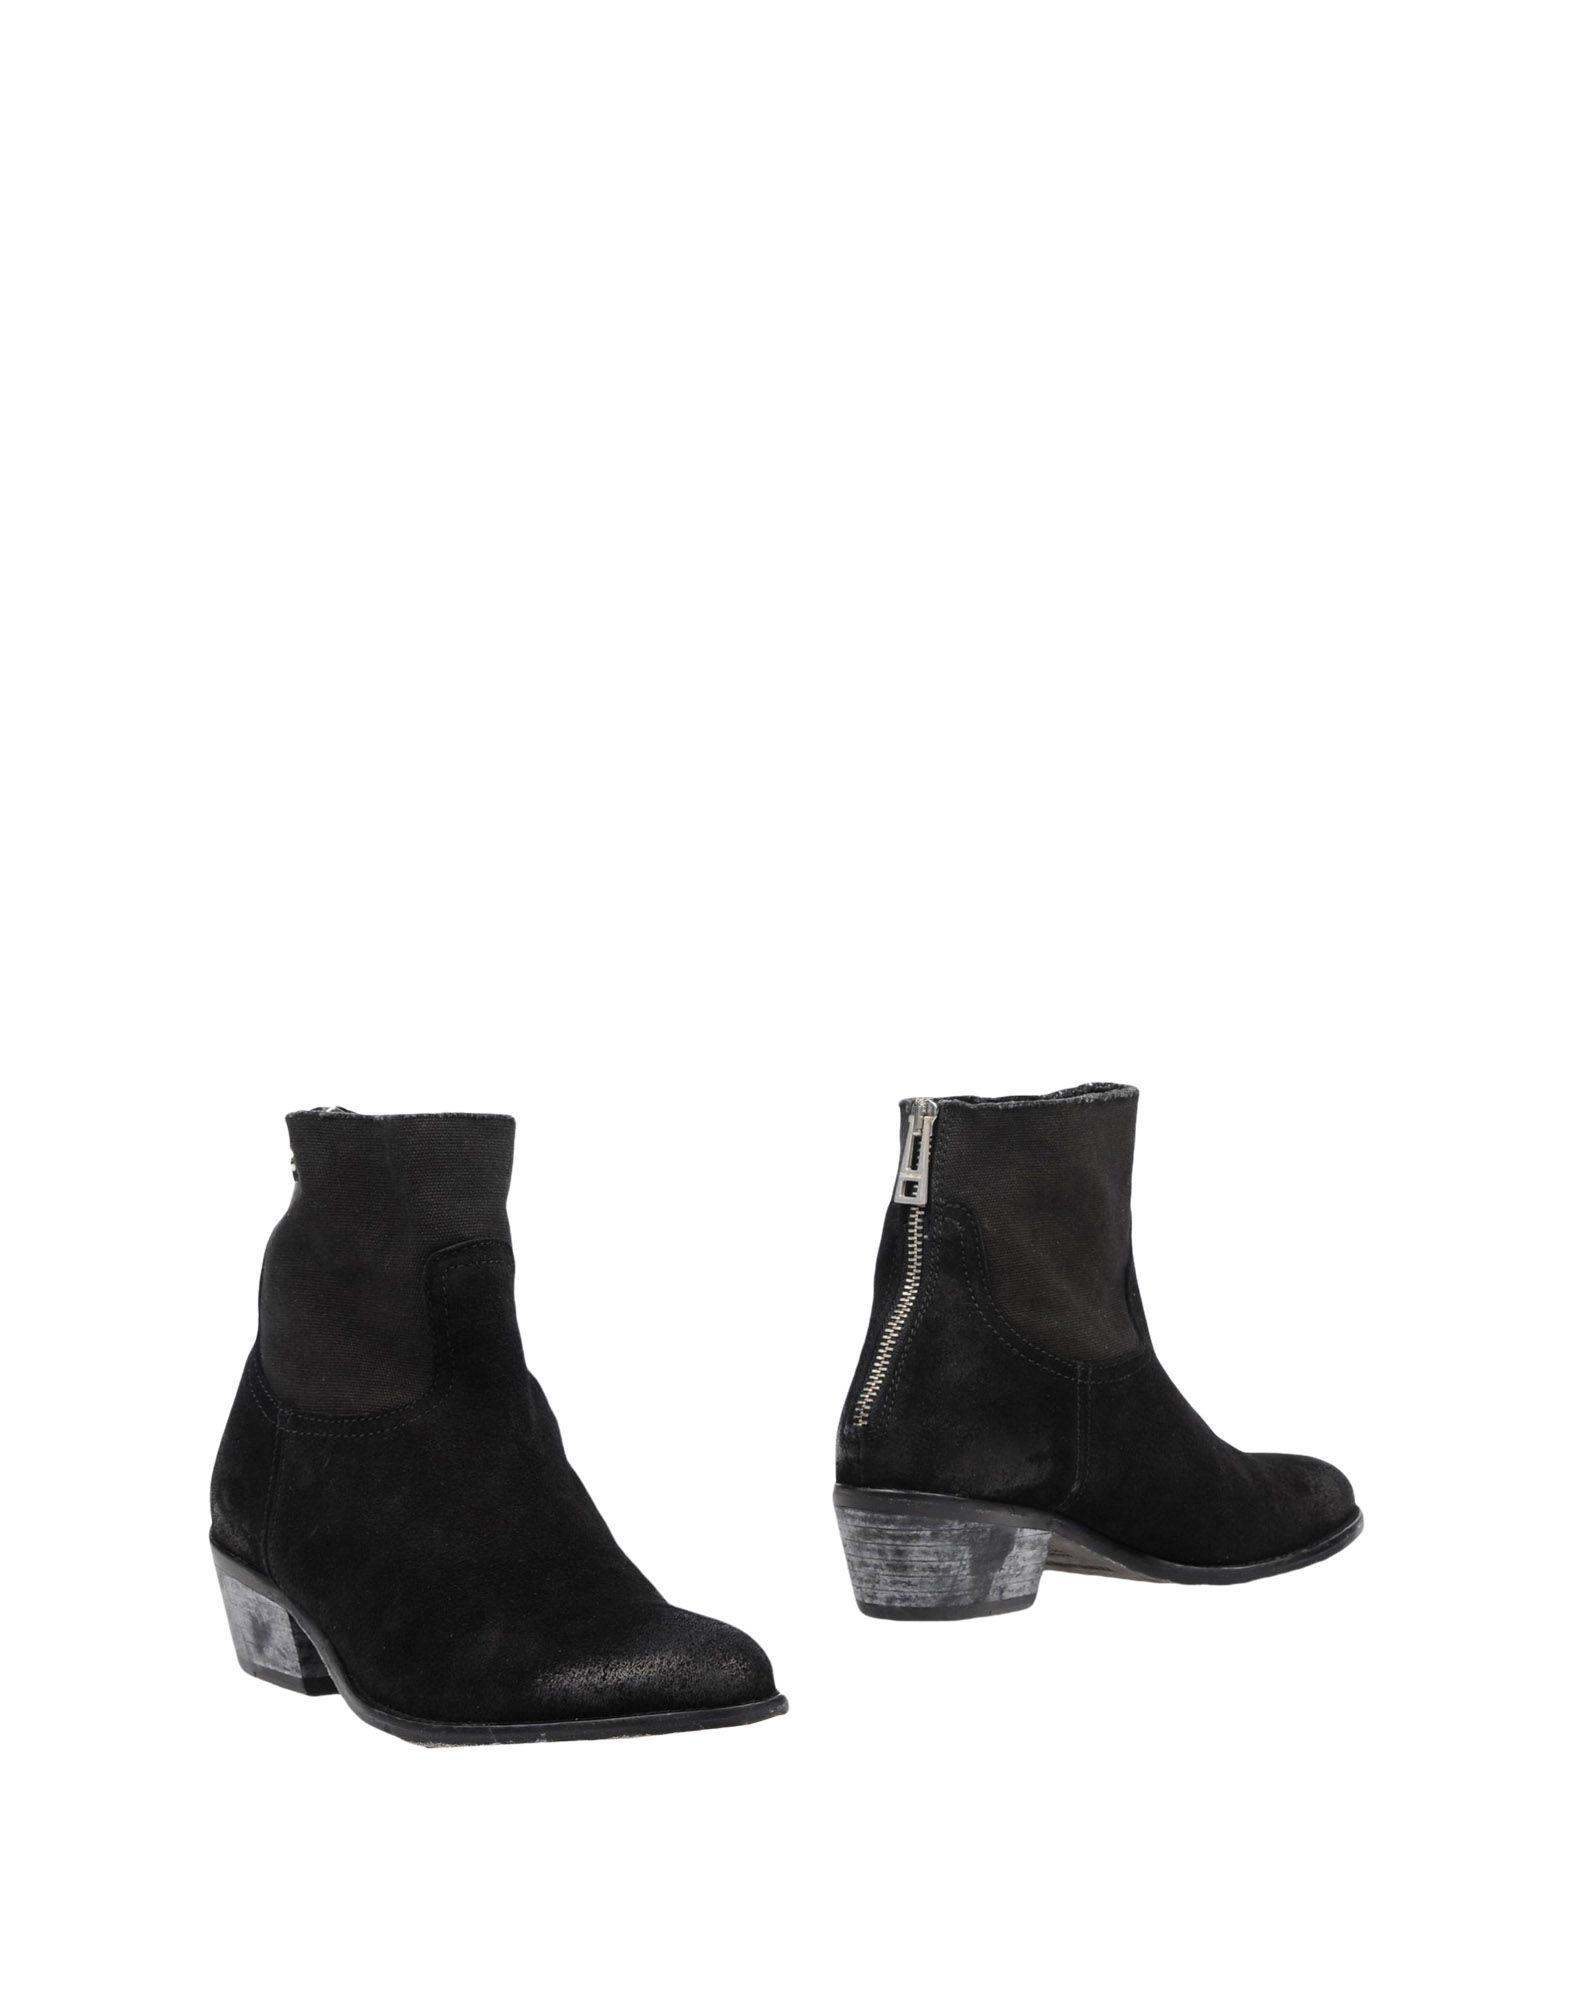 ZADIG & VOLTAIRE Полусапоги и высокие ботинки цены онлайн